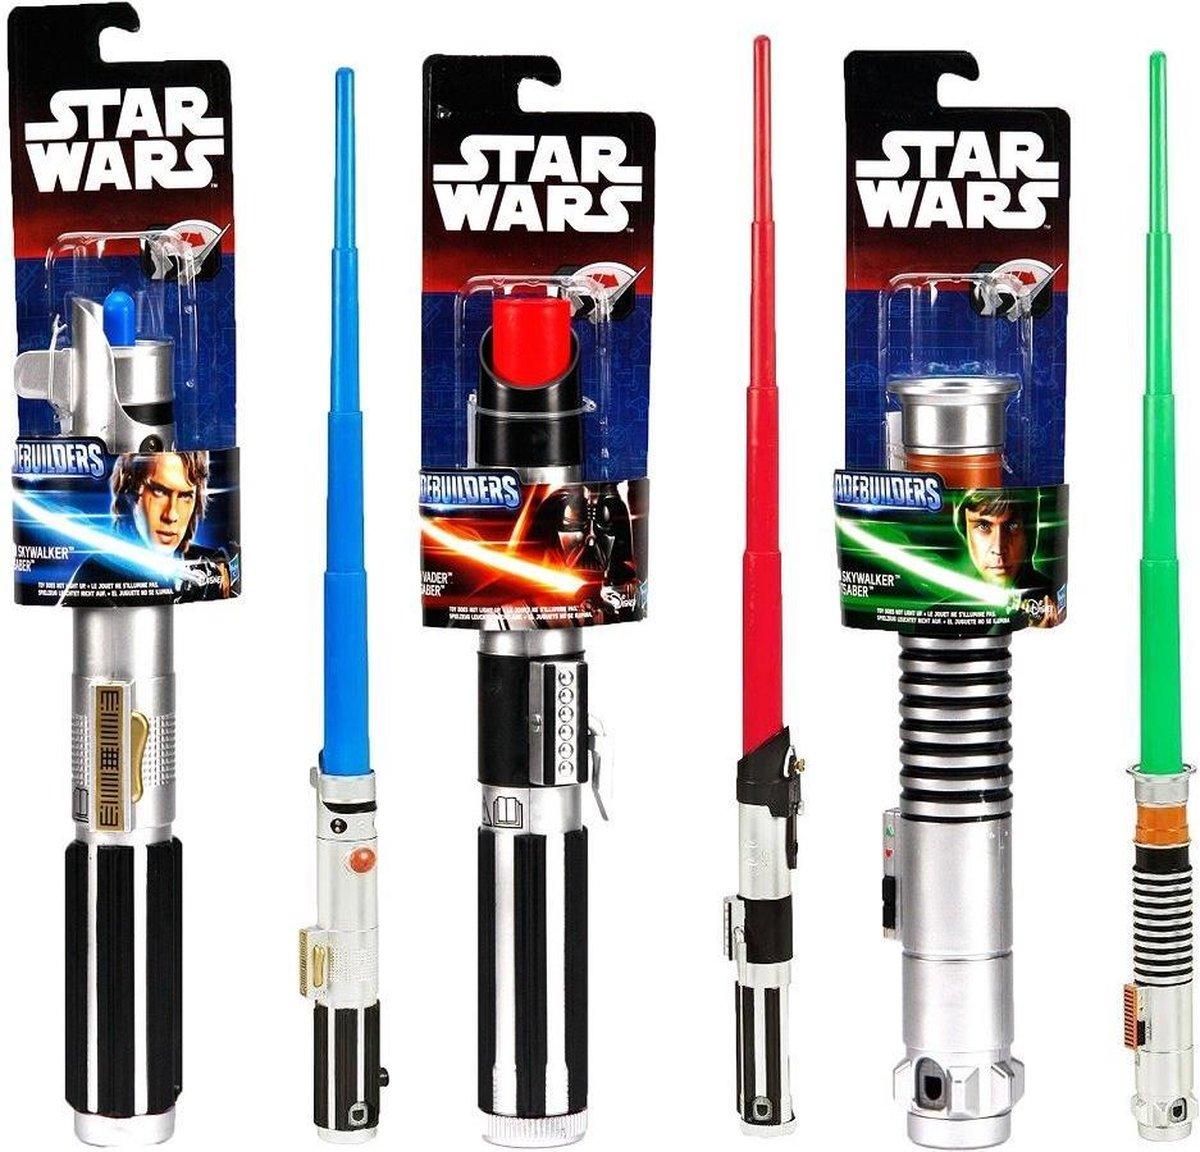 Lightsaber Star Wars Episode VII Basic